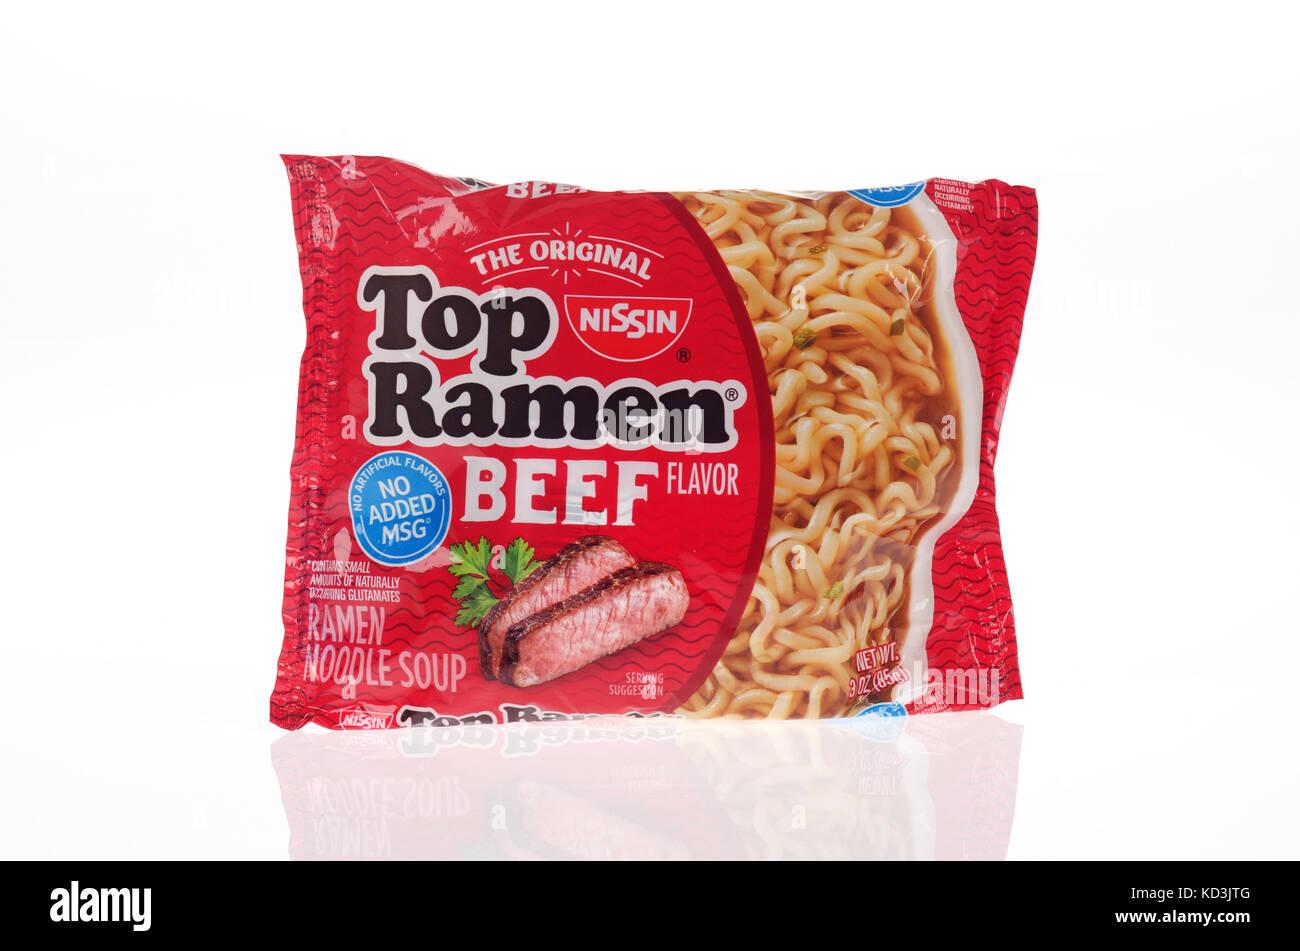 Originali non aperti Nissin spaghetti ramen nel sapore delle carni bovine con il nuovo imballaggio senza aggiunta Immagini Stock